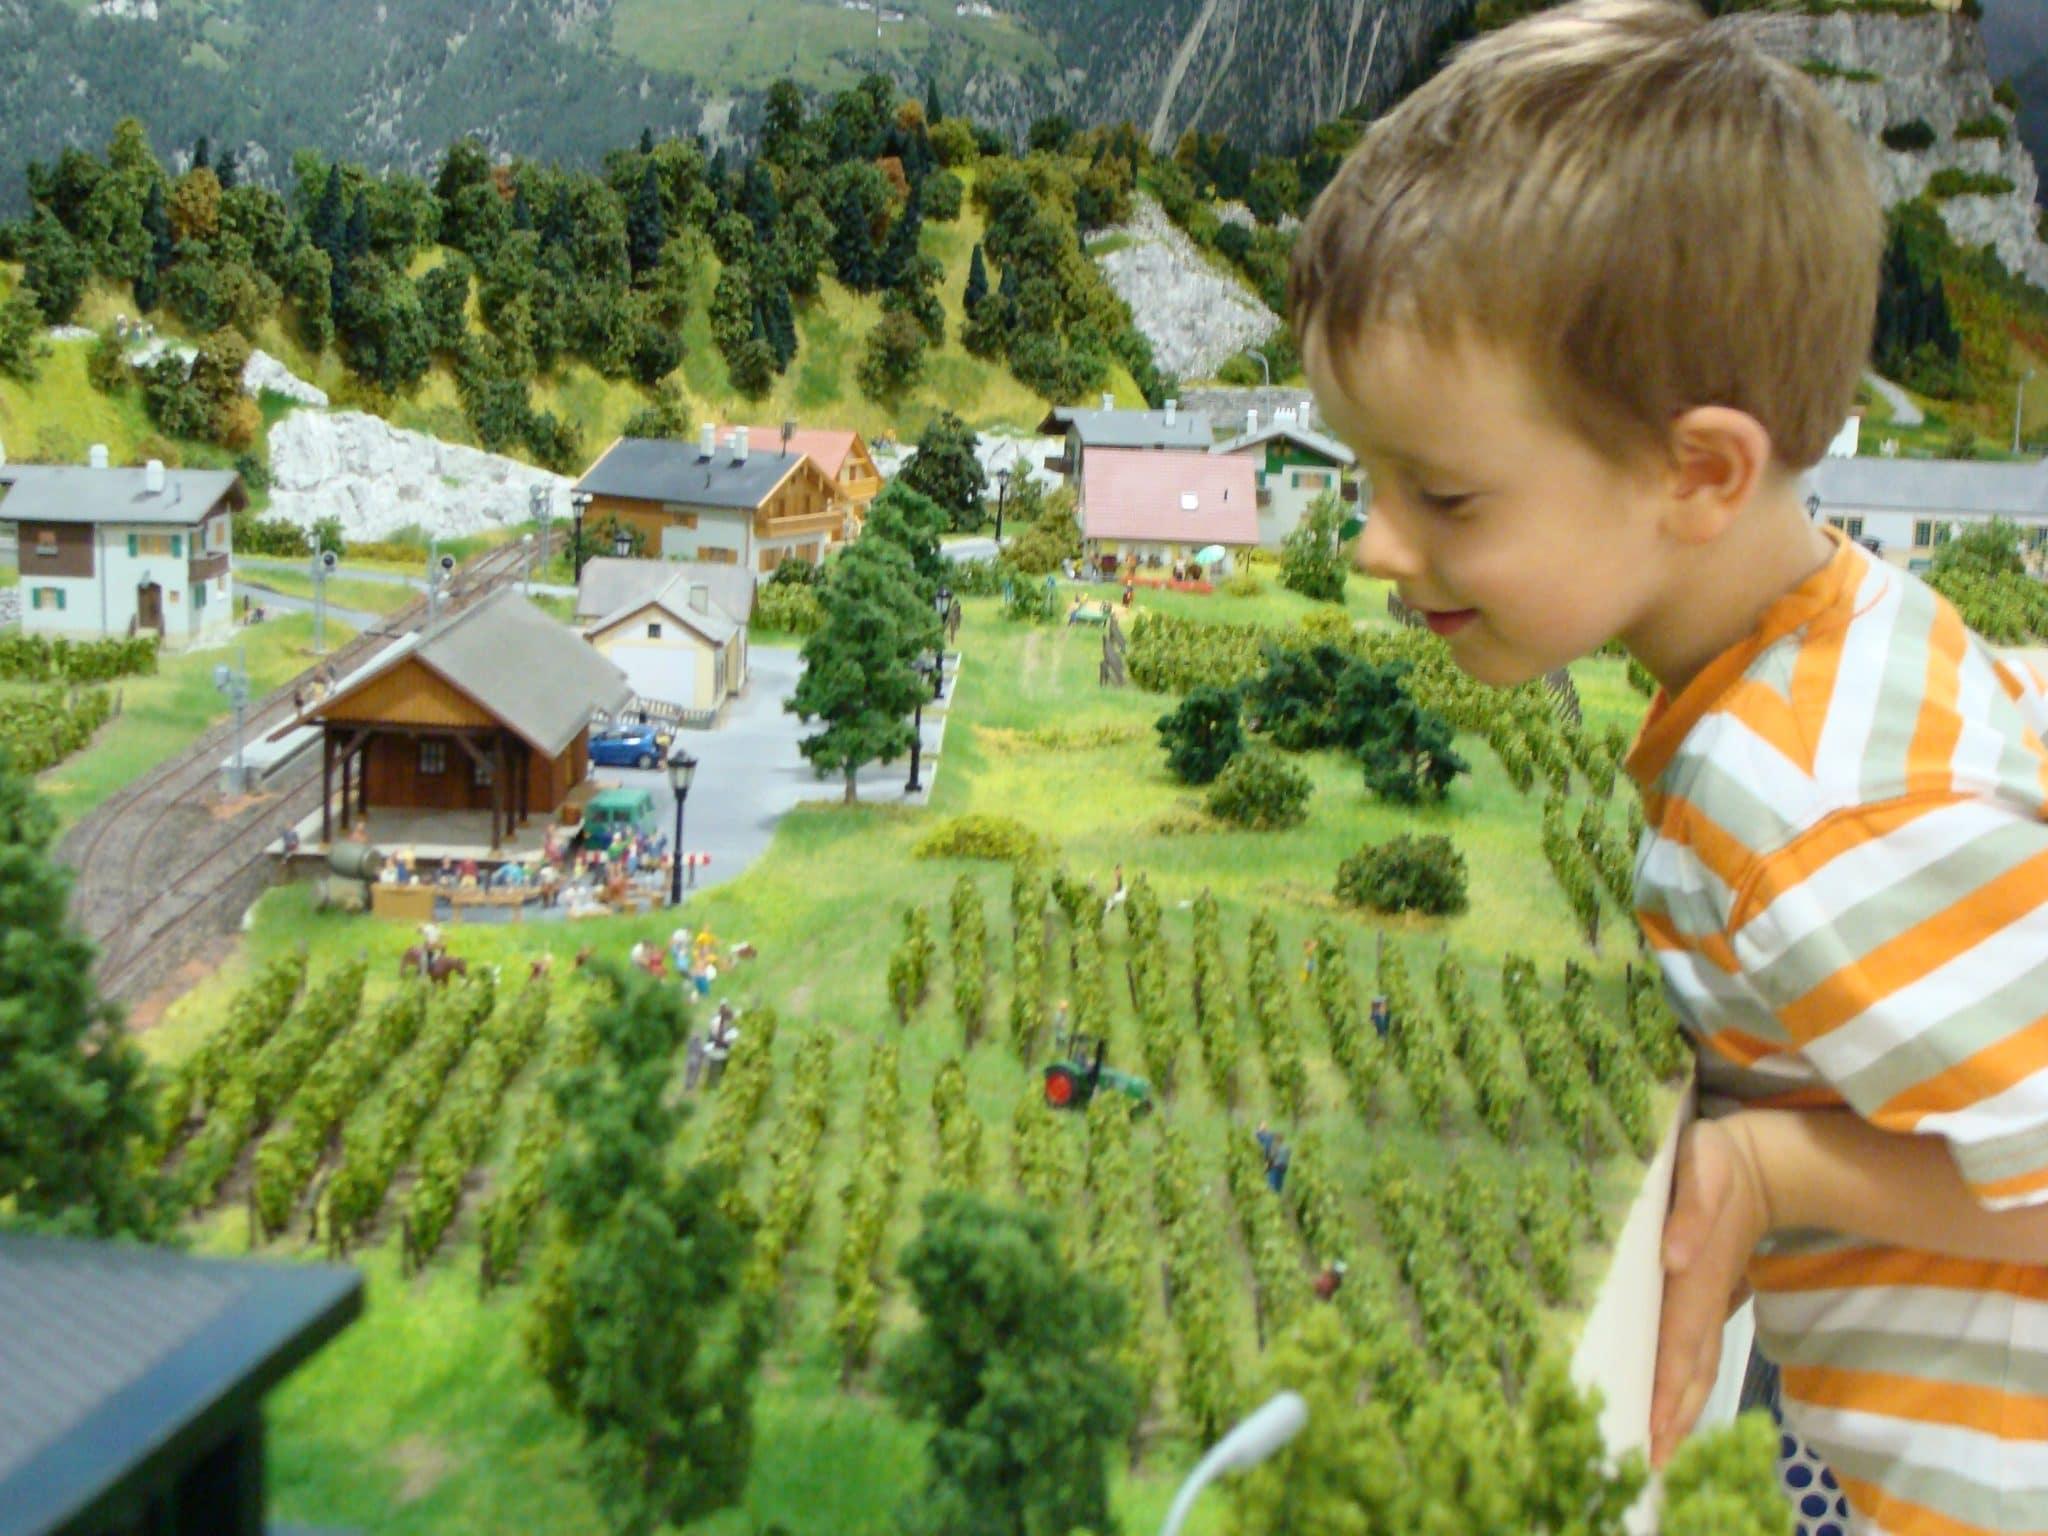 Begeistertre Kinderaugen -vom Eisenbahnwelt geschickt